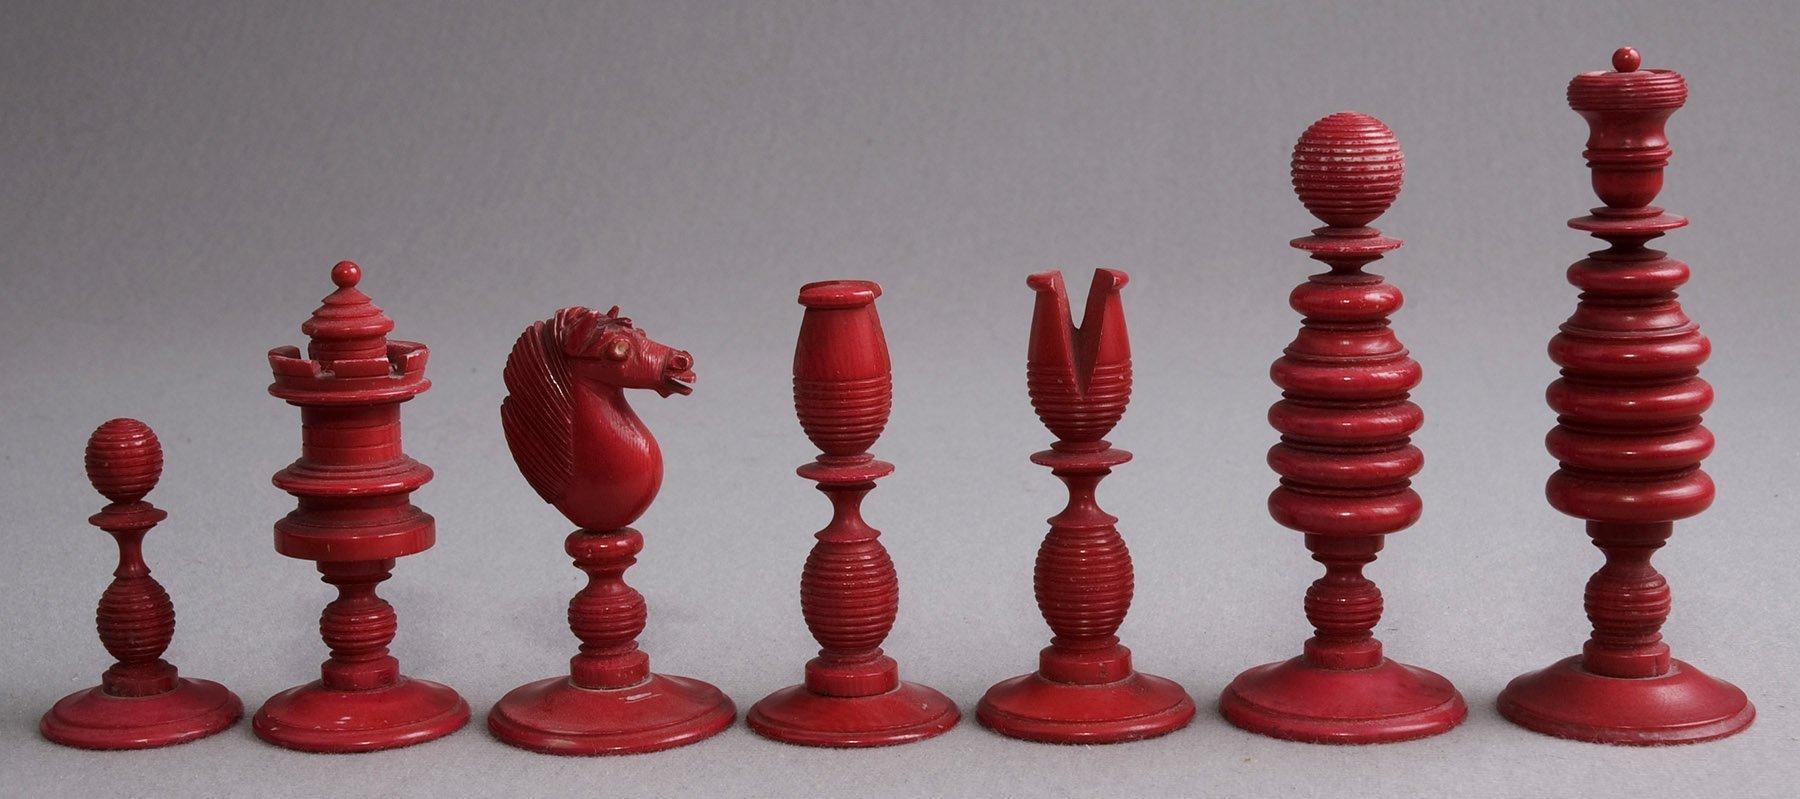 Decorative Chess Sets calvert decorative type ii english playing chess set